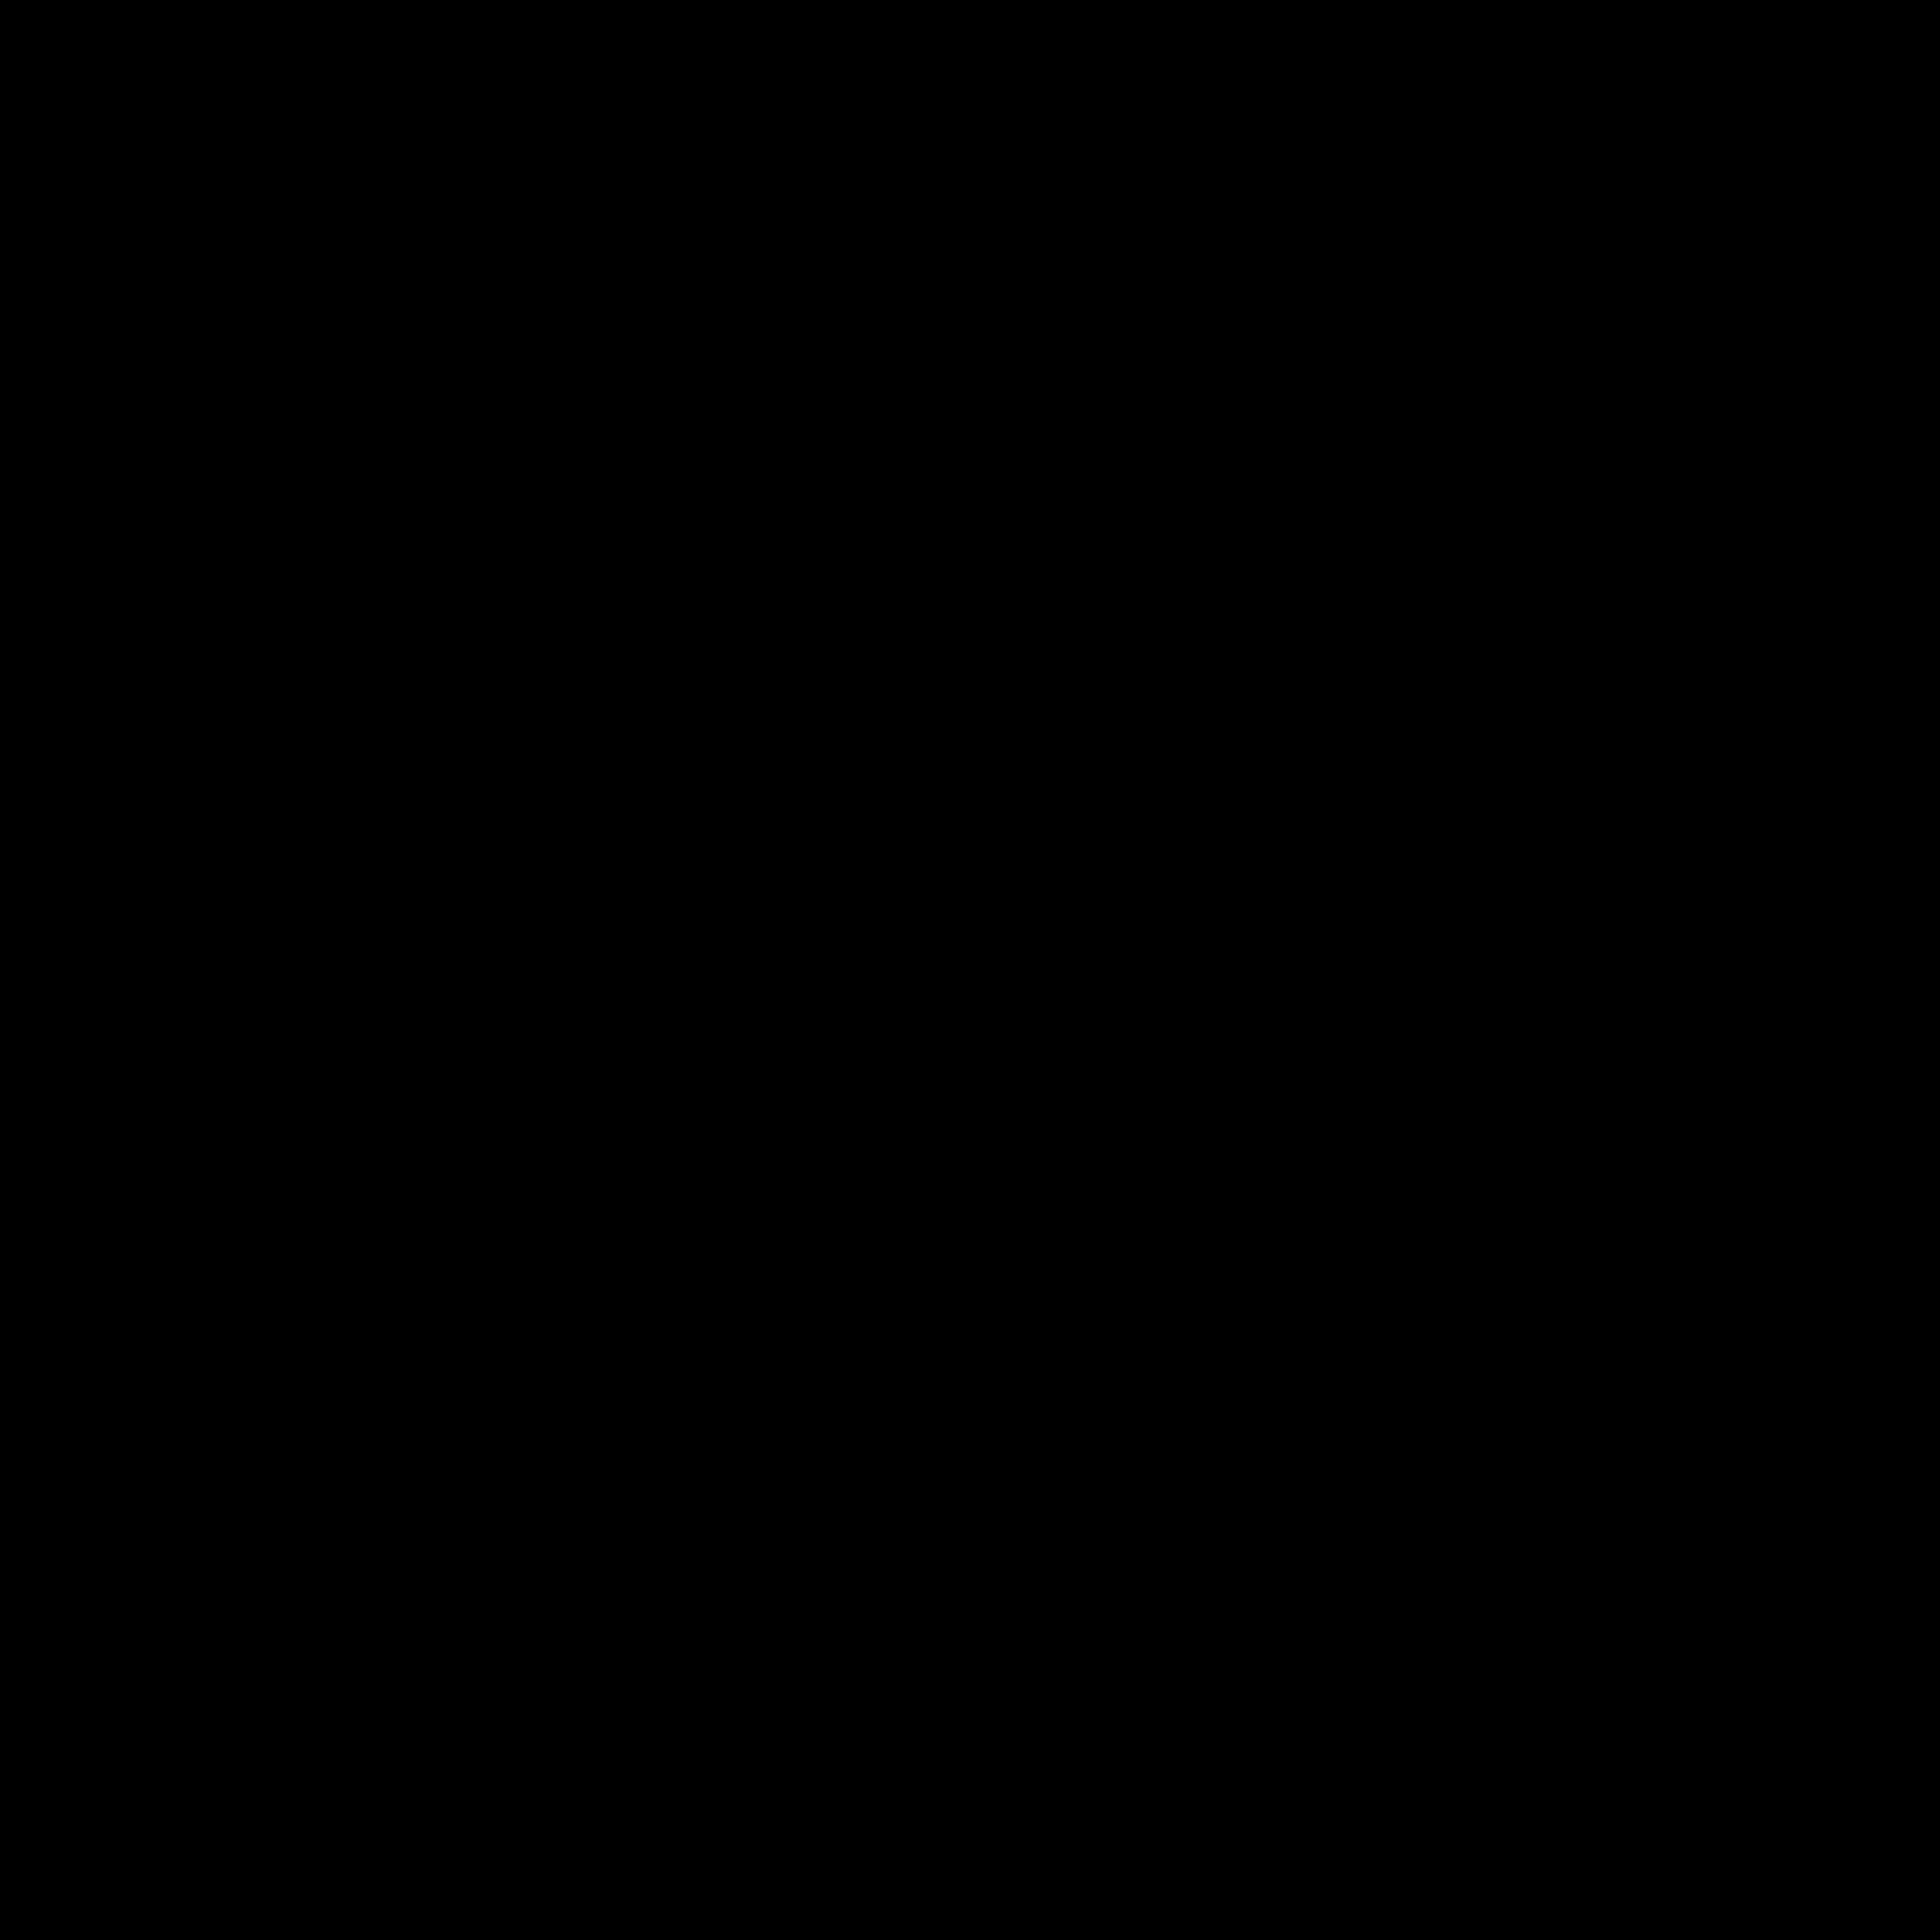 Clipart png circle. Thin big image